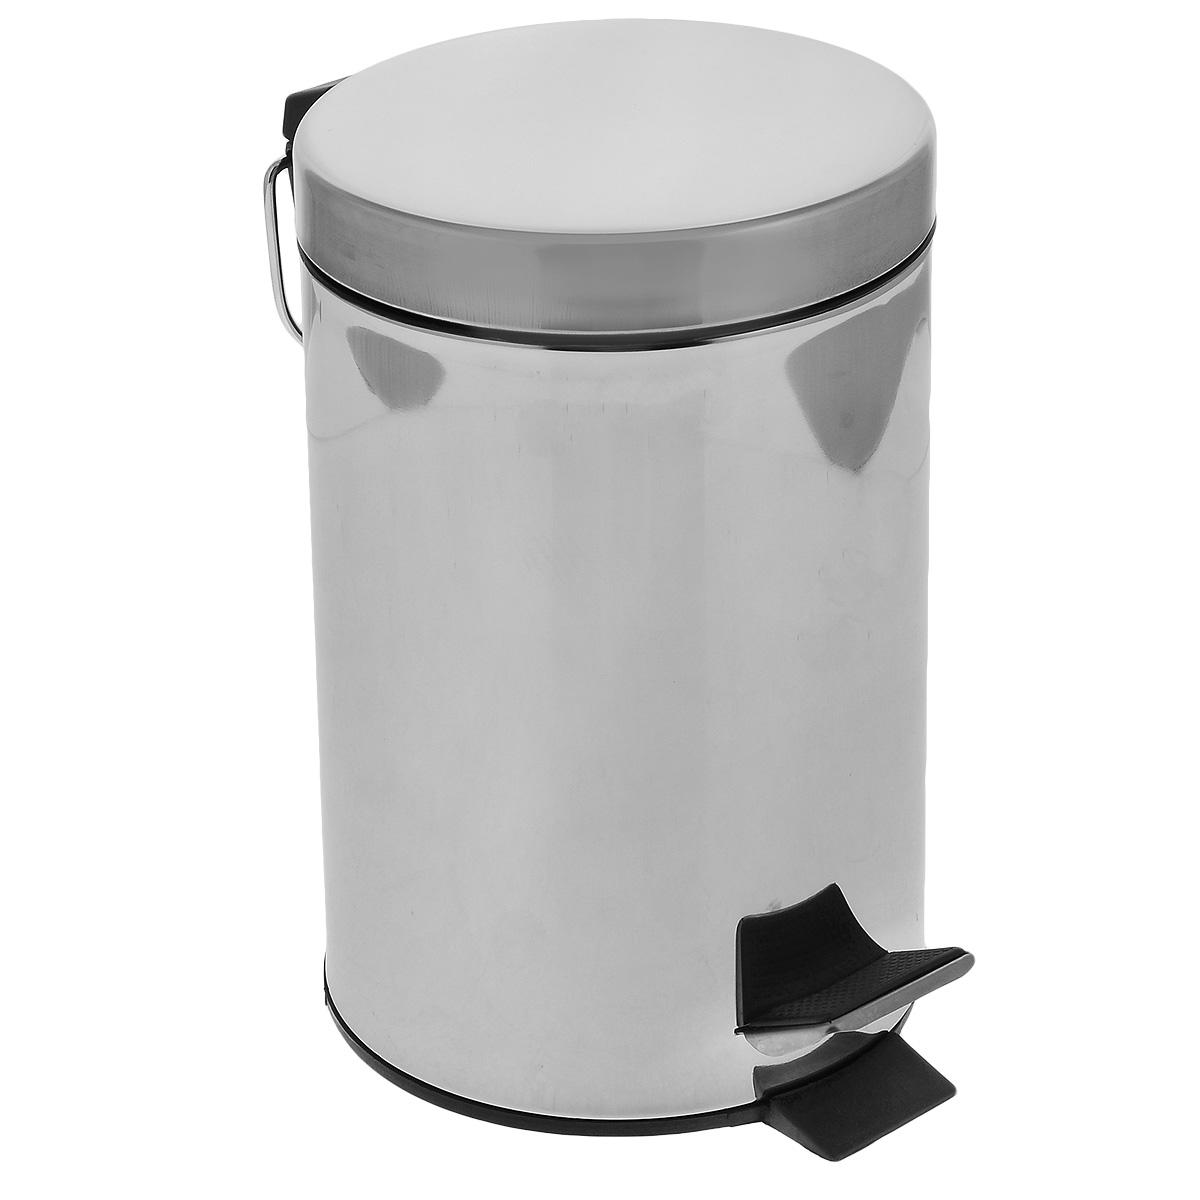 Ведро для мусора Art Moon Moon, с педалью, цвет: серебристый, 3 л691014Круглое ведро для мусора Art Moon Moon, выполненное из нержавеющей стали с отражающей поверхностью, поможет вам держать мусор в порядке и предотвратит распространение неприятного запаха. Ведро оснащено педалью, с помощью которой можно открыть крышку. Закрывается крышка бесшумно, плотно прилегает, предотвращая распространение запаха. Сбоку также имеется металлическая ручка. Внутренняя часть - пластиковое ведерко, оснащенное металлической ручкой для переноса. Нескользящая пластиковая основа ведра предотвращает повреждение пола.Объем: 3 л. Диаметр ведра: 16,5 см.Высота стенки: 26 см.